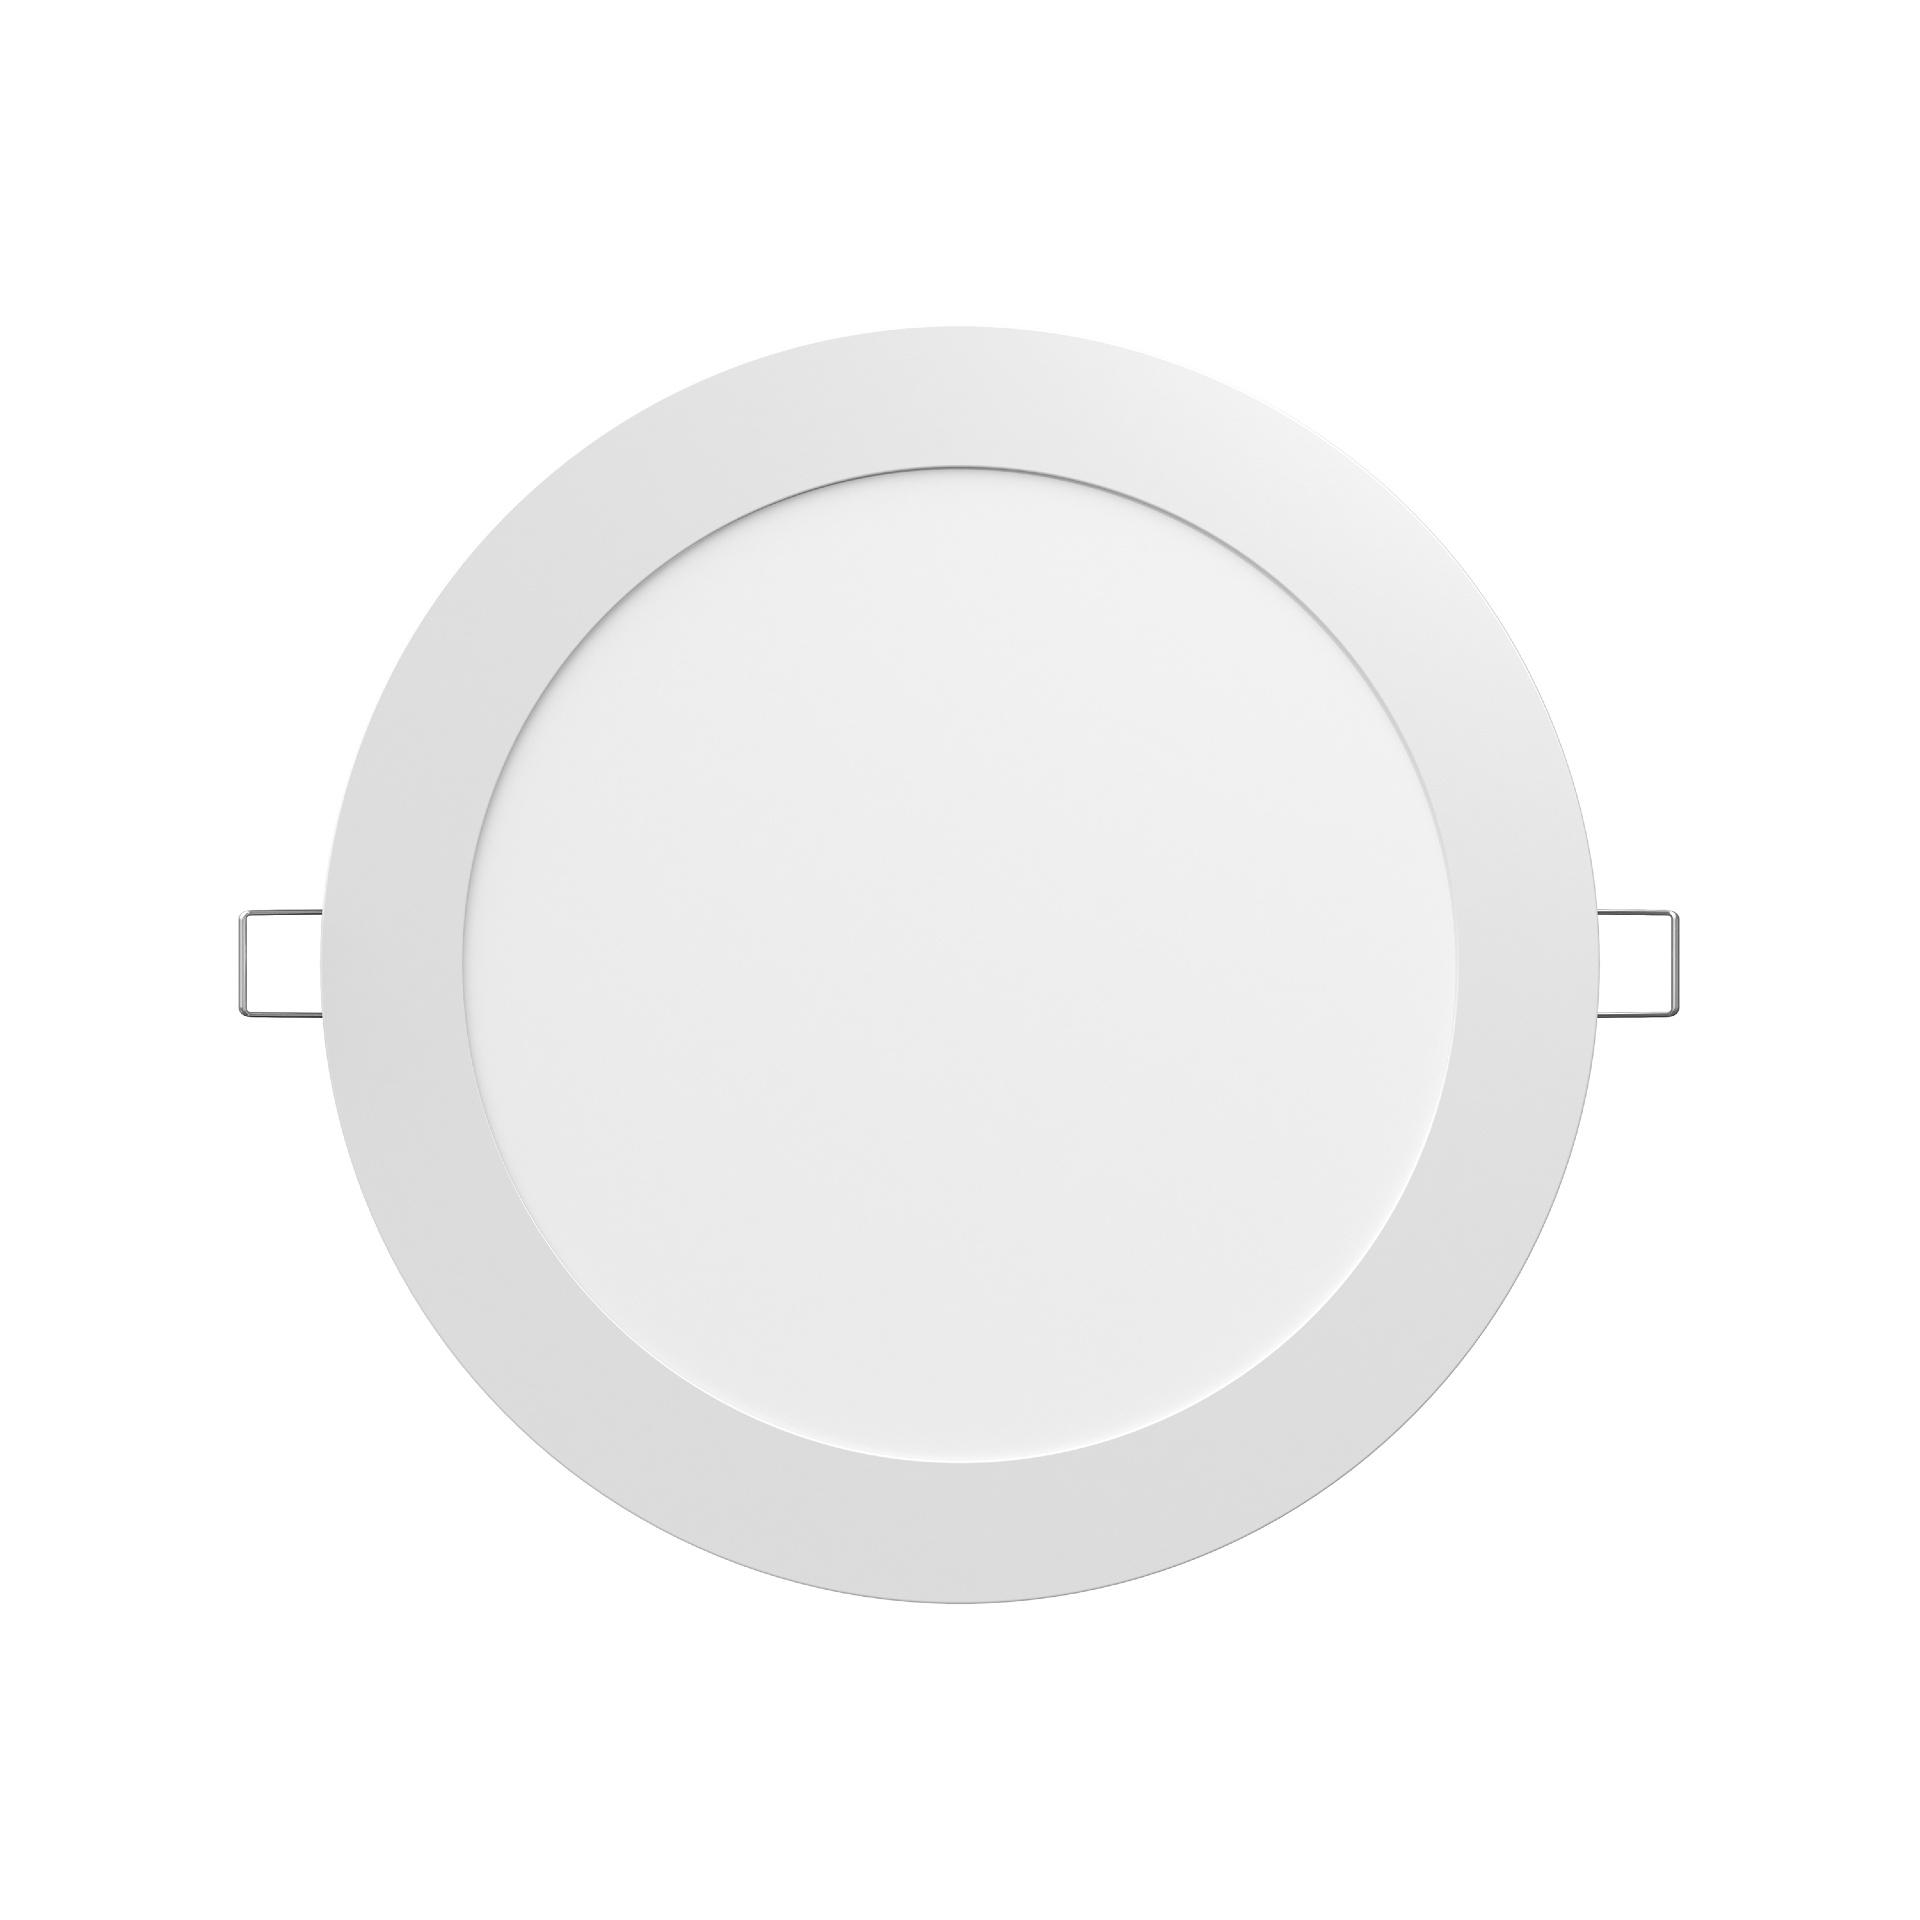 Luminária Ledvance Insert 18W/830 Redonda 100-240V Osram